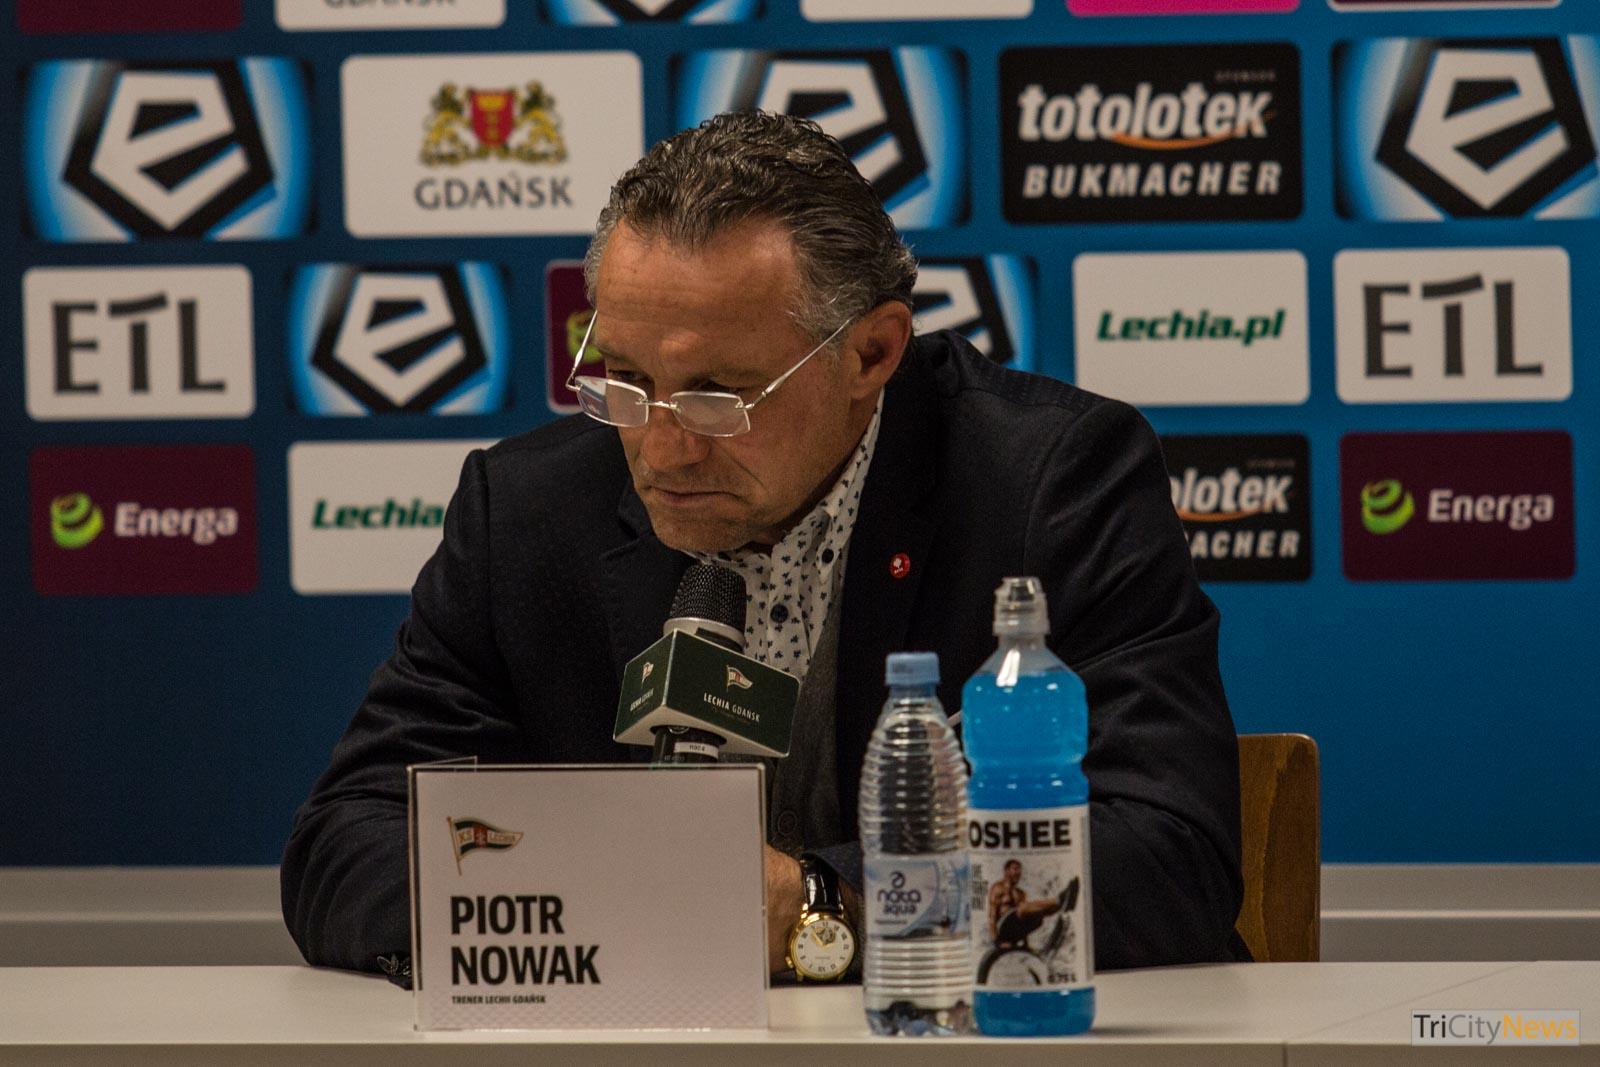 Piotr Nowak - Lechia Gdansk coach, Photo: Jakub Woźniak/Tricity News